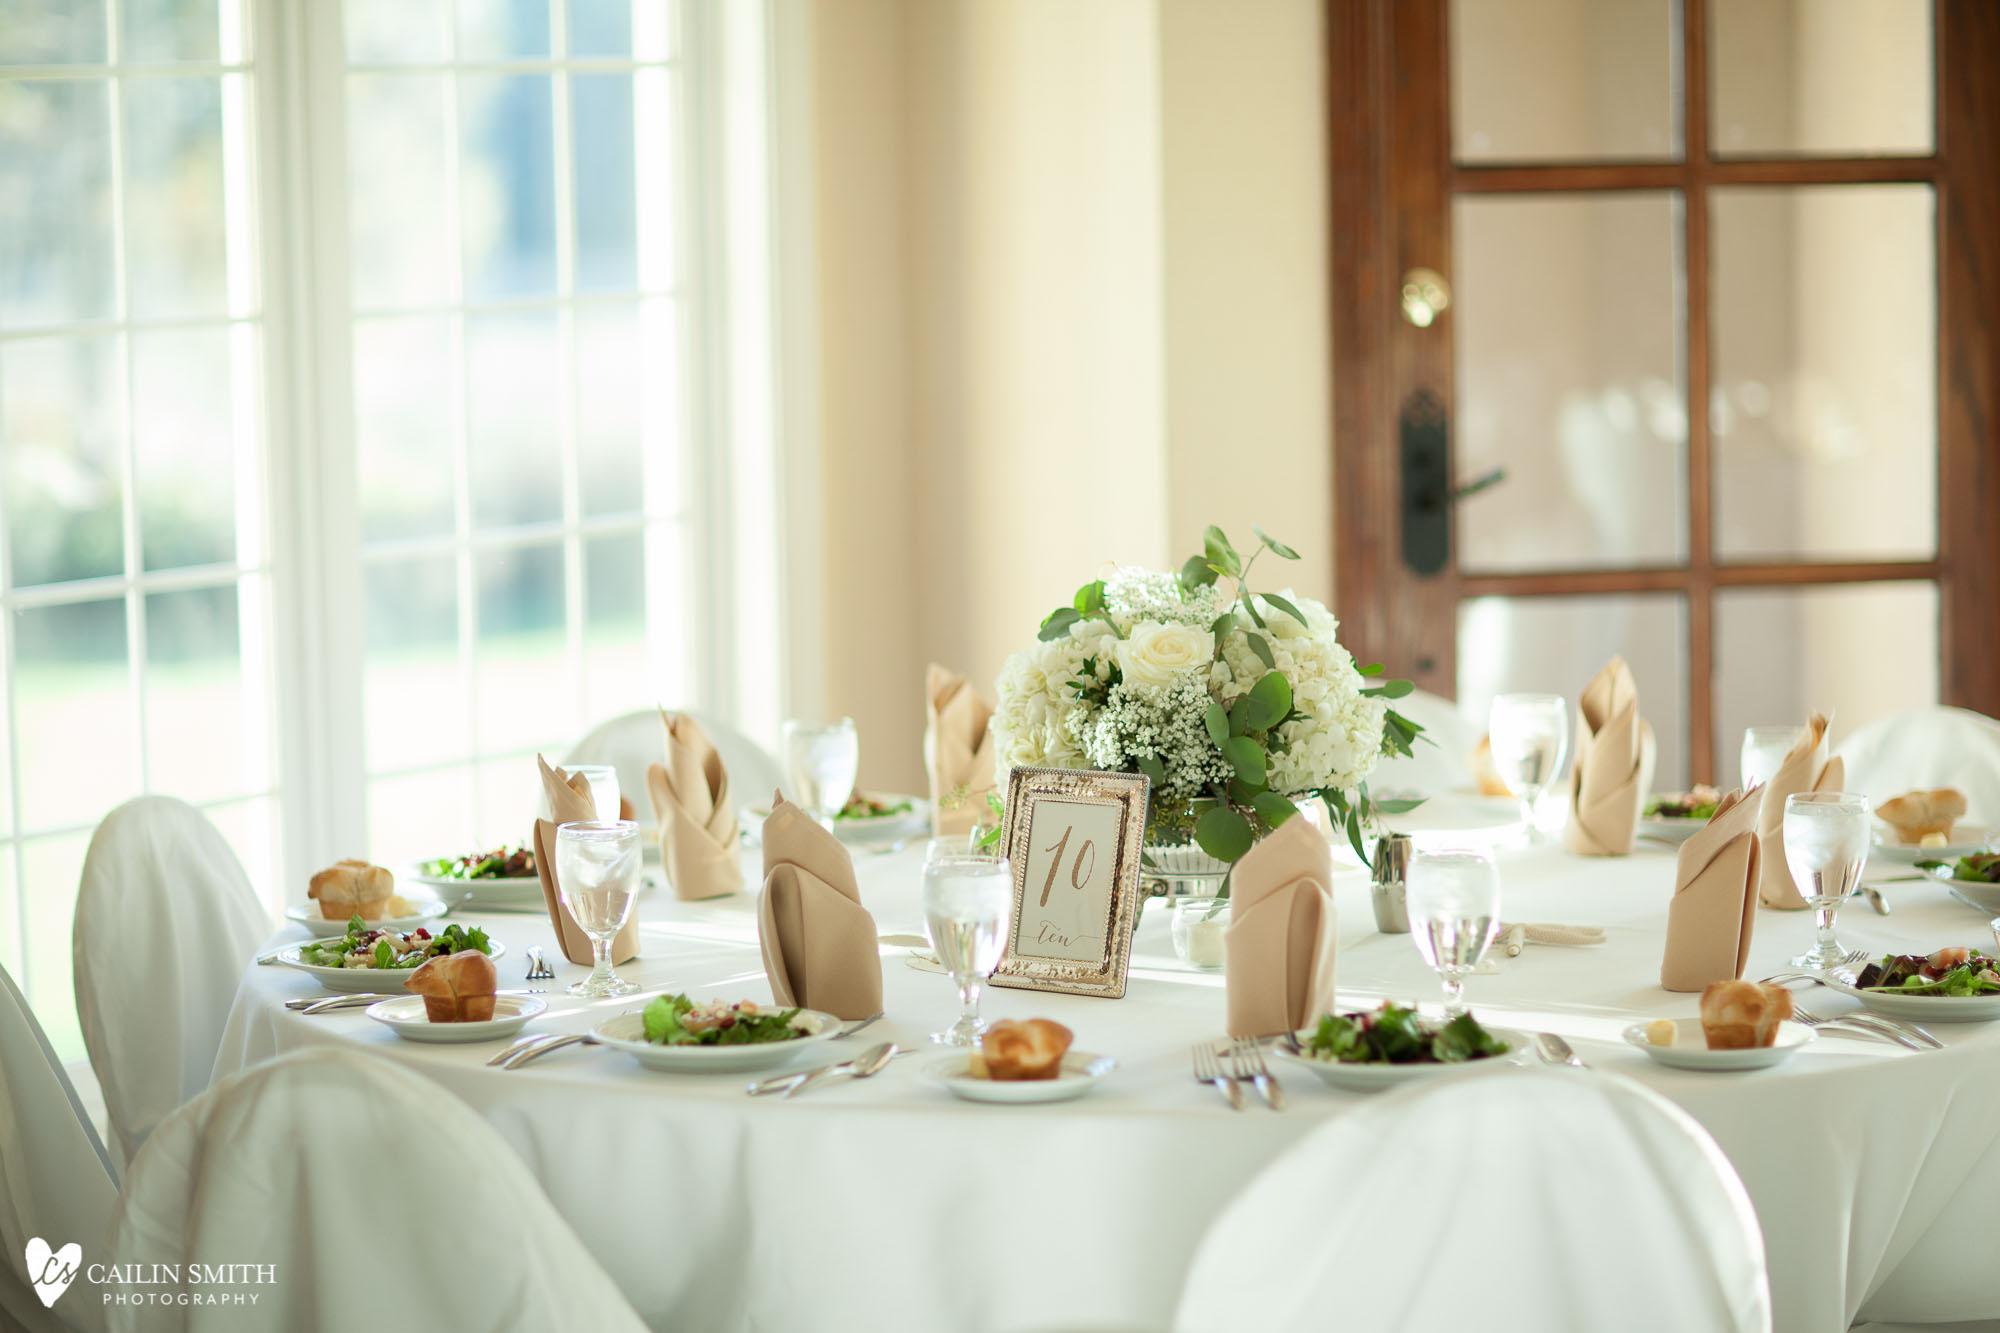 Leah_Major_St_Marys_Wedding_Photography_091.jpg